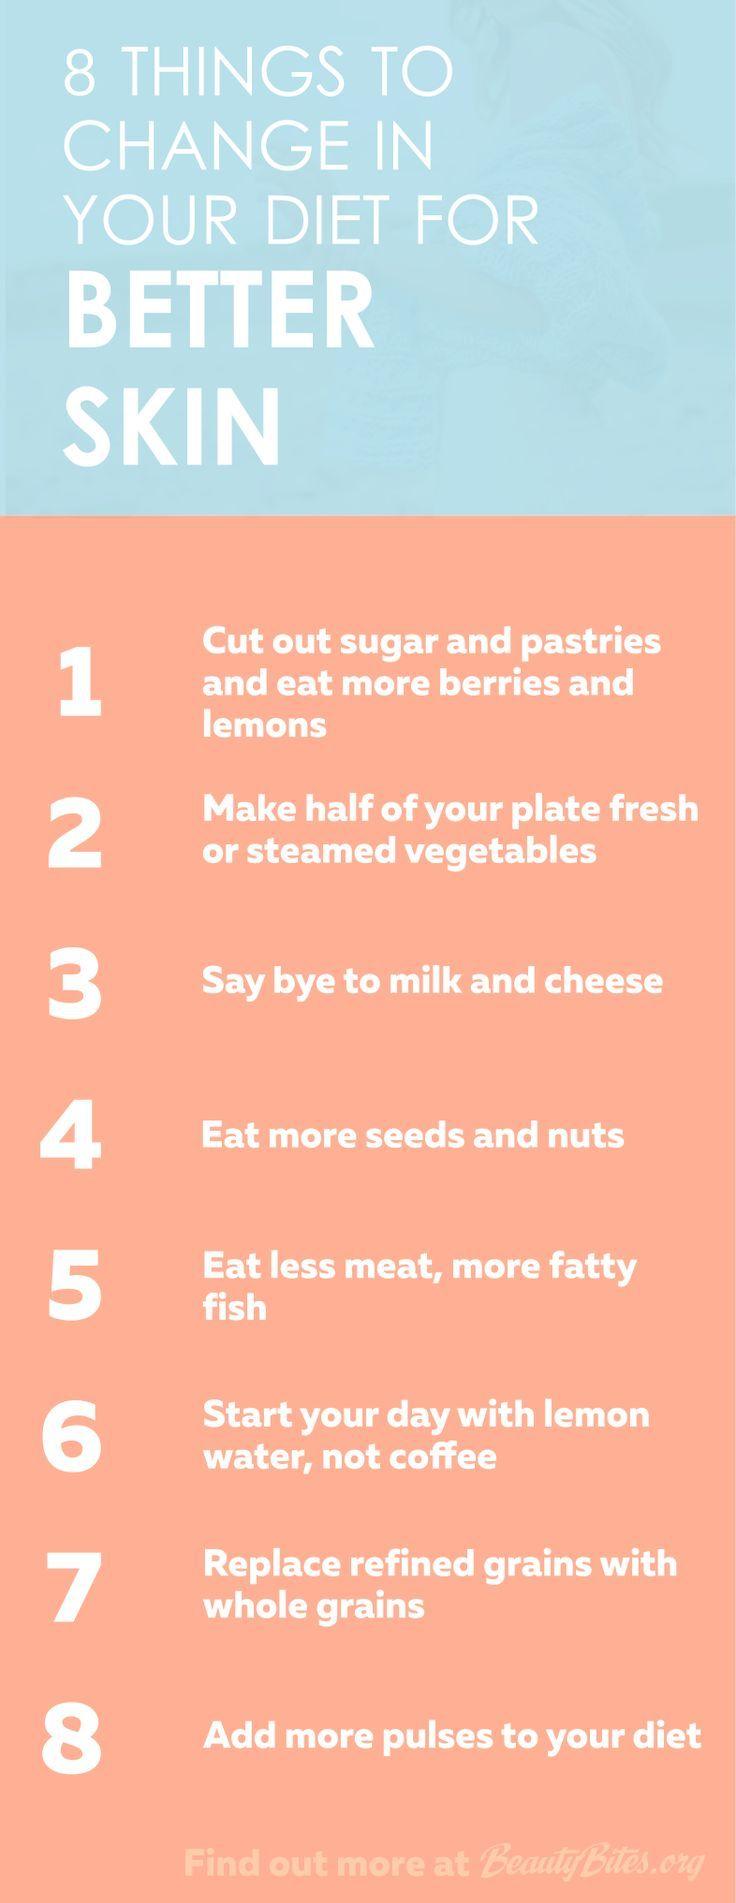 Photo of Gesunde Butternut-Kürbis-und Brokkolisuppe   #Brokkolisuppe #ButternutKürbisund #gesunde #hea…